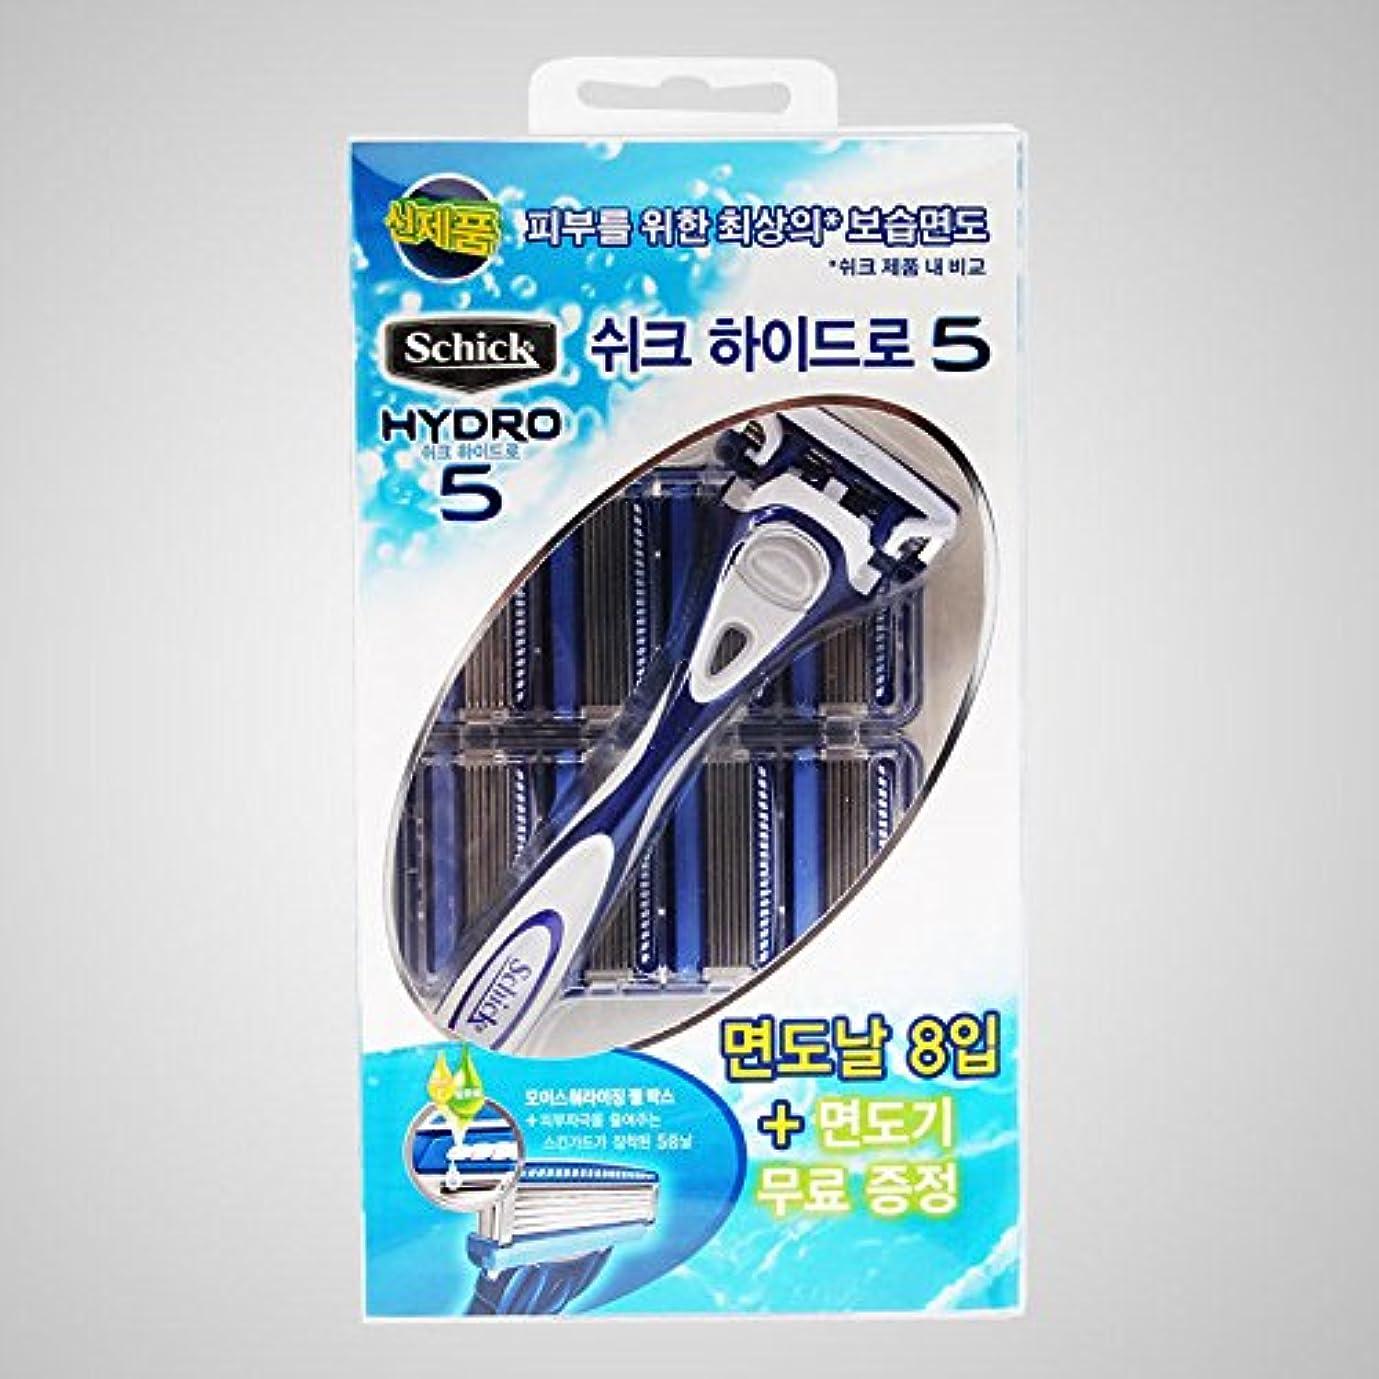 役立つ闘争パスポートSchick Hydro 5 Shaving 1 Razor with 9 カートリッジ [並行輸入品]